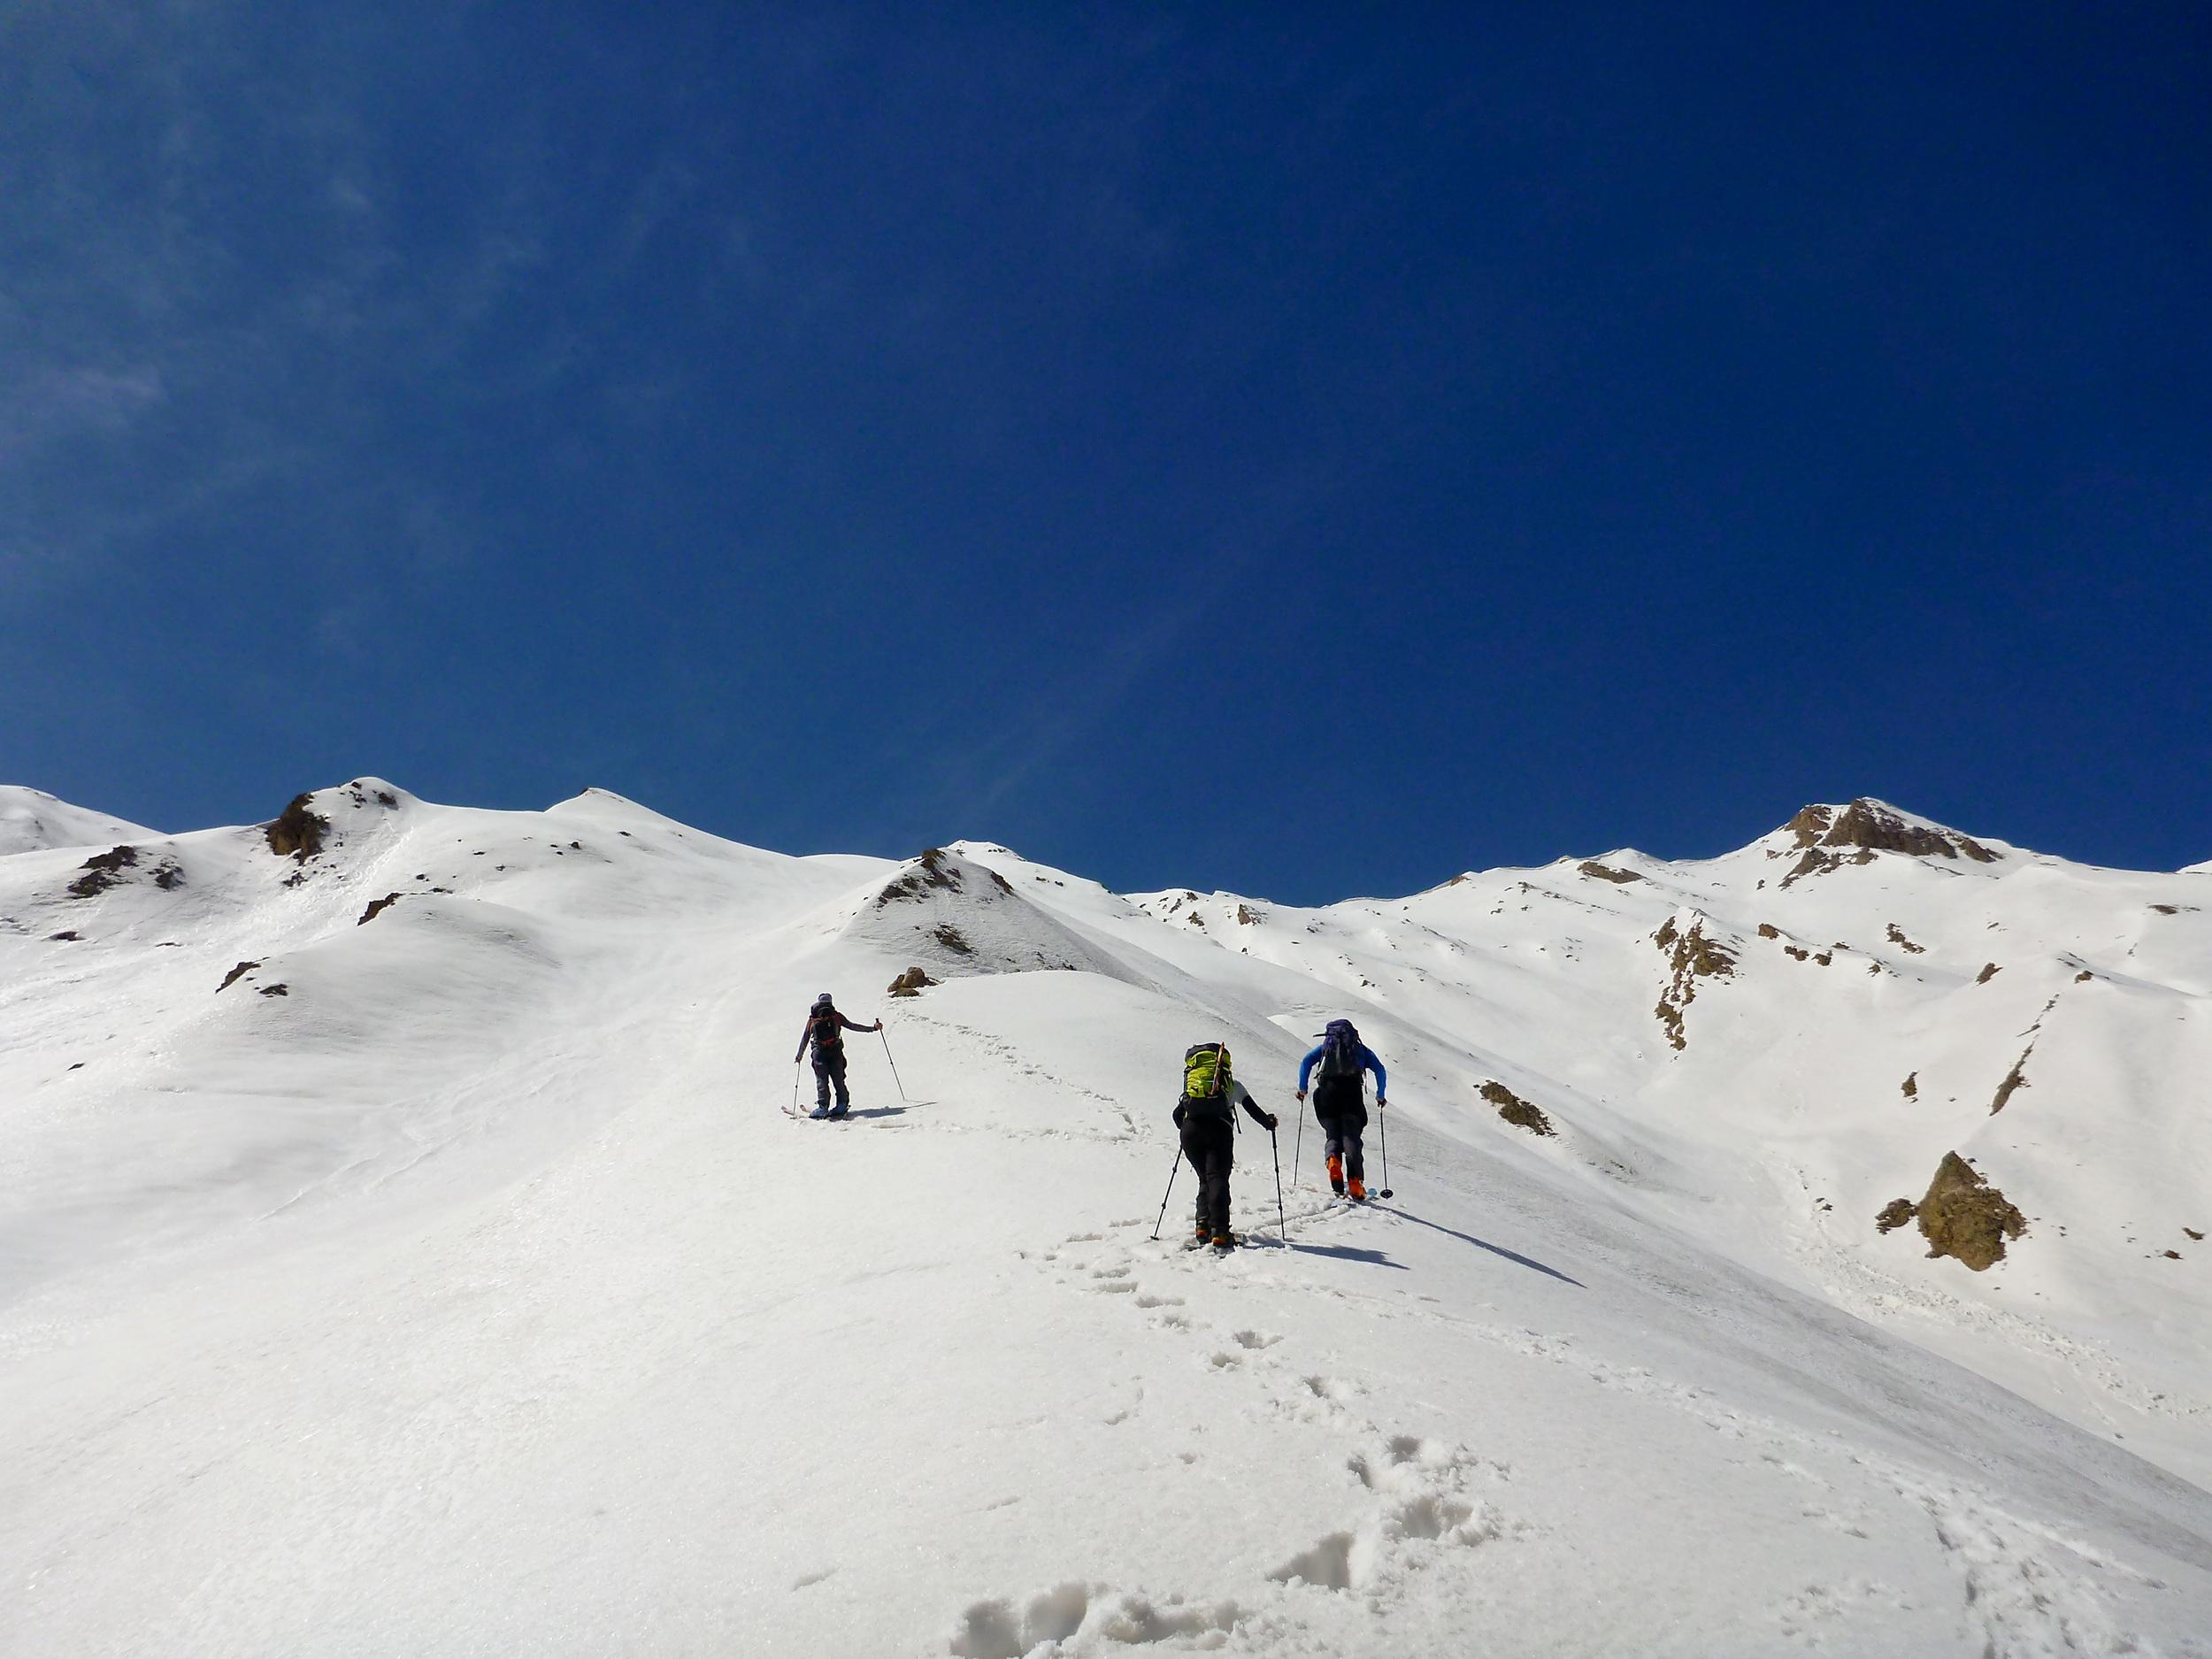 Ski touring in Alborz